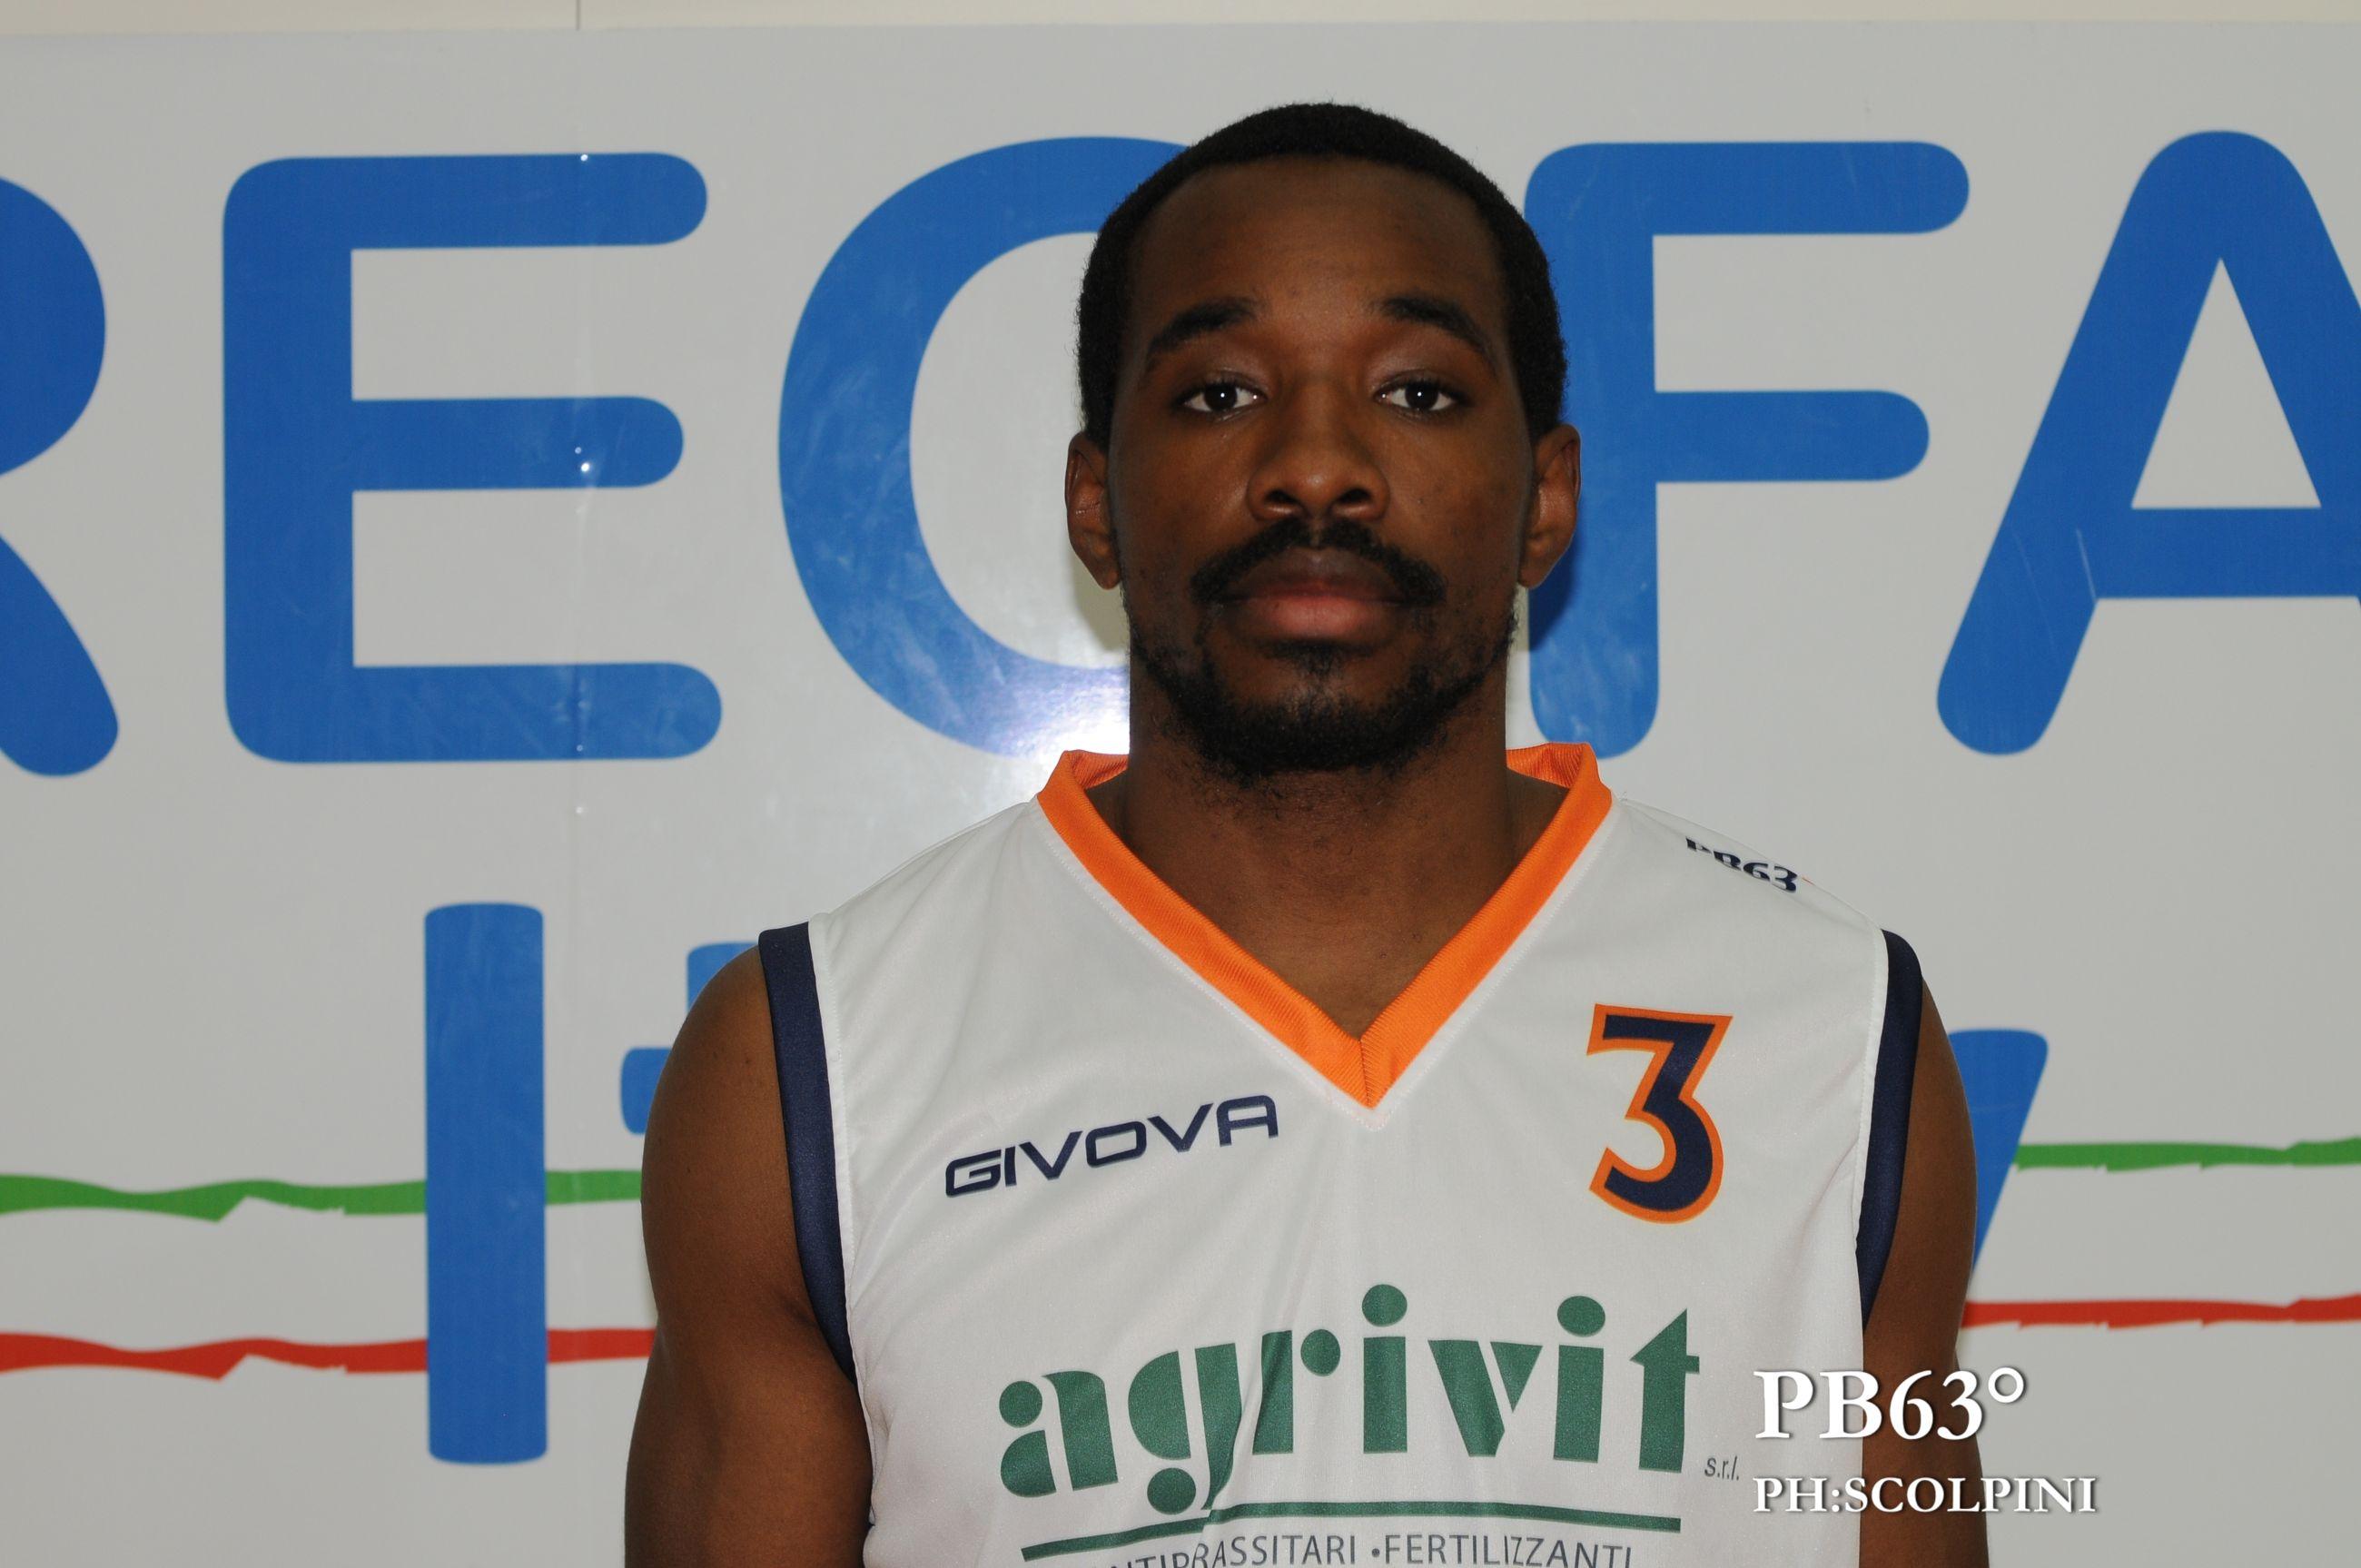 Derrick Wilson